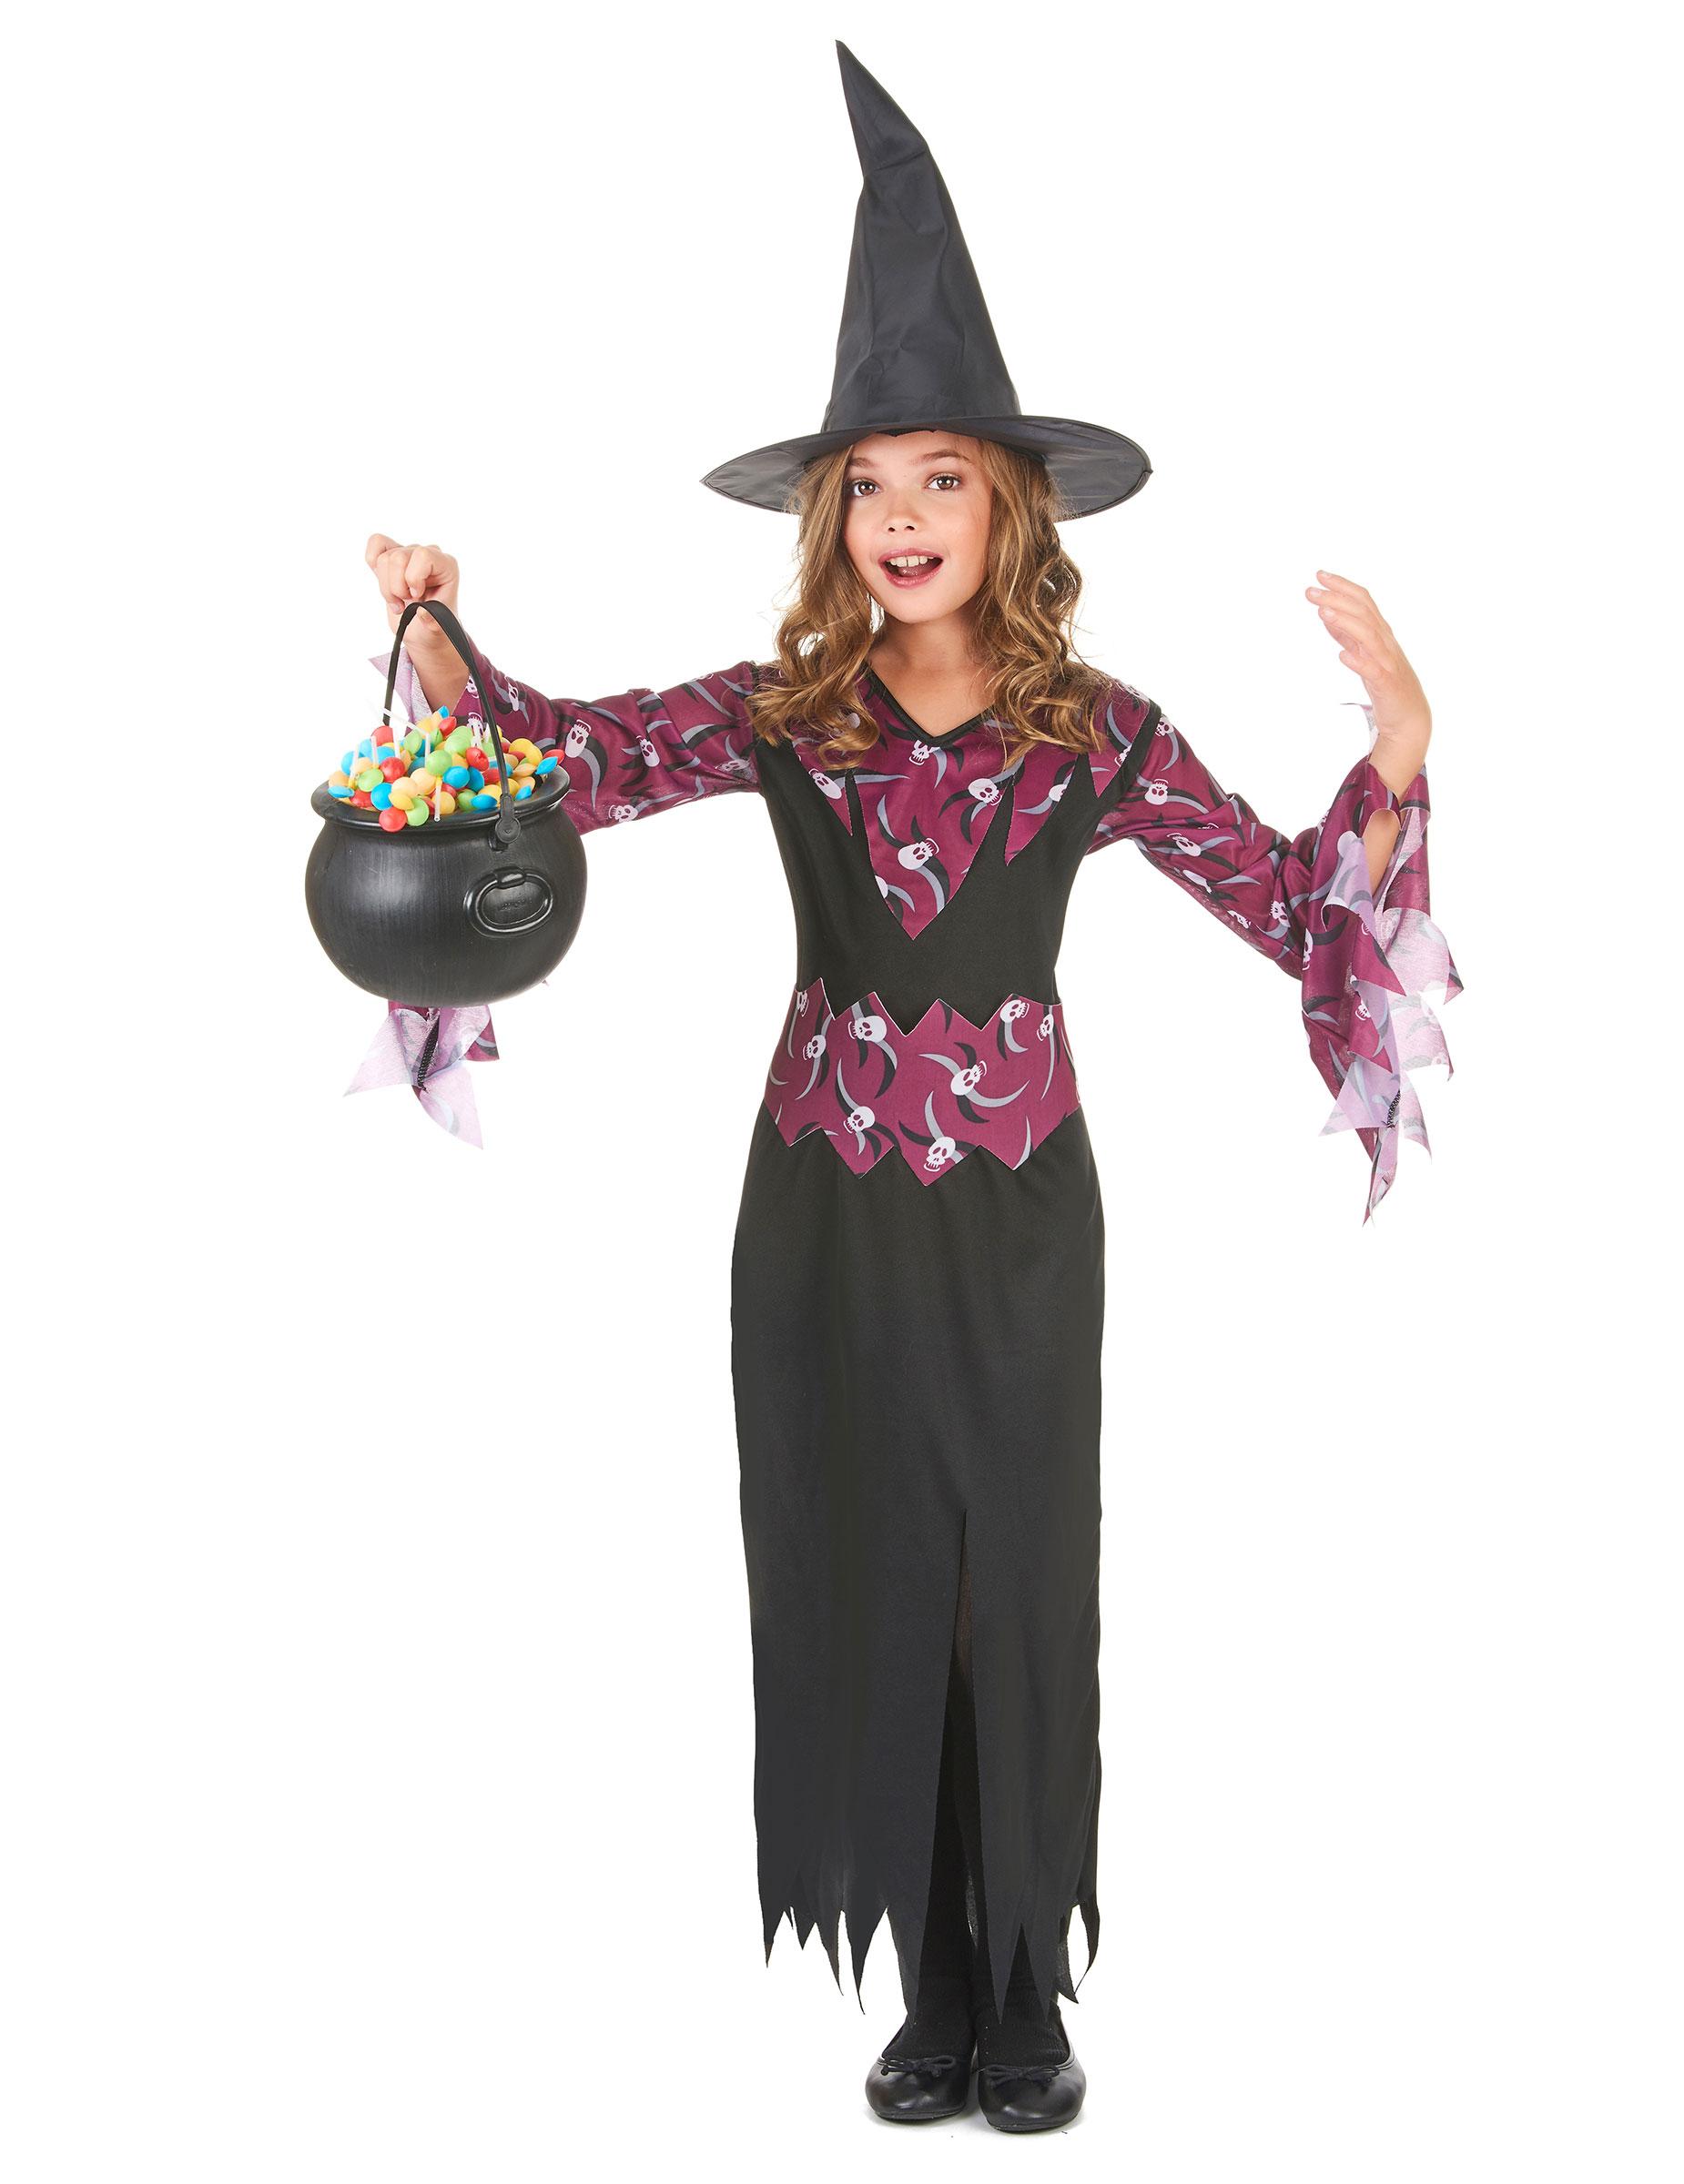 d guisement sorci re fille halloween achat de d guisements enfants sur vegaoopro grossiste en. Black Bedroom Furniture Sets. Home Design Ideas